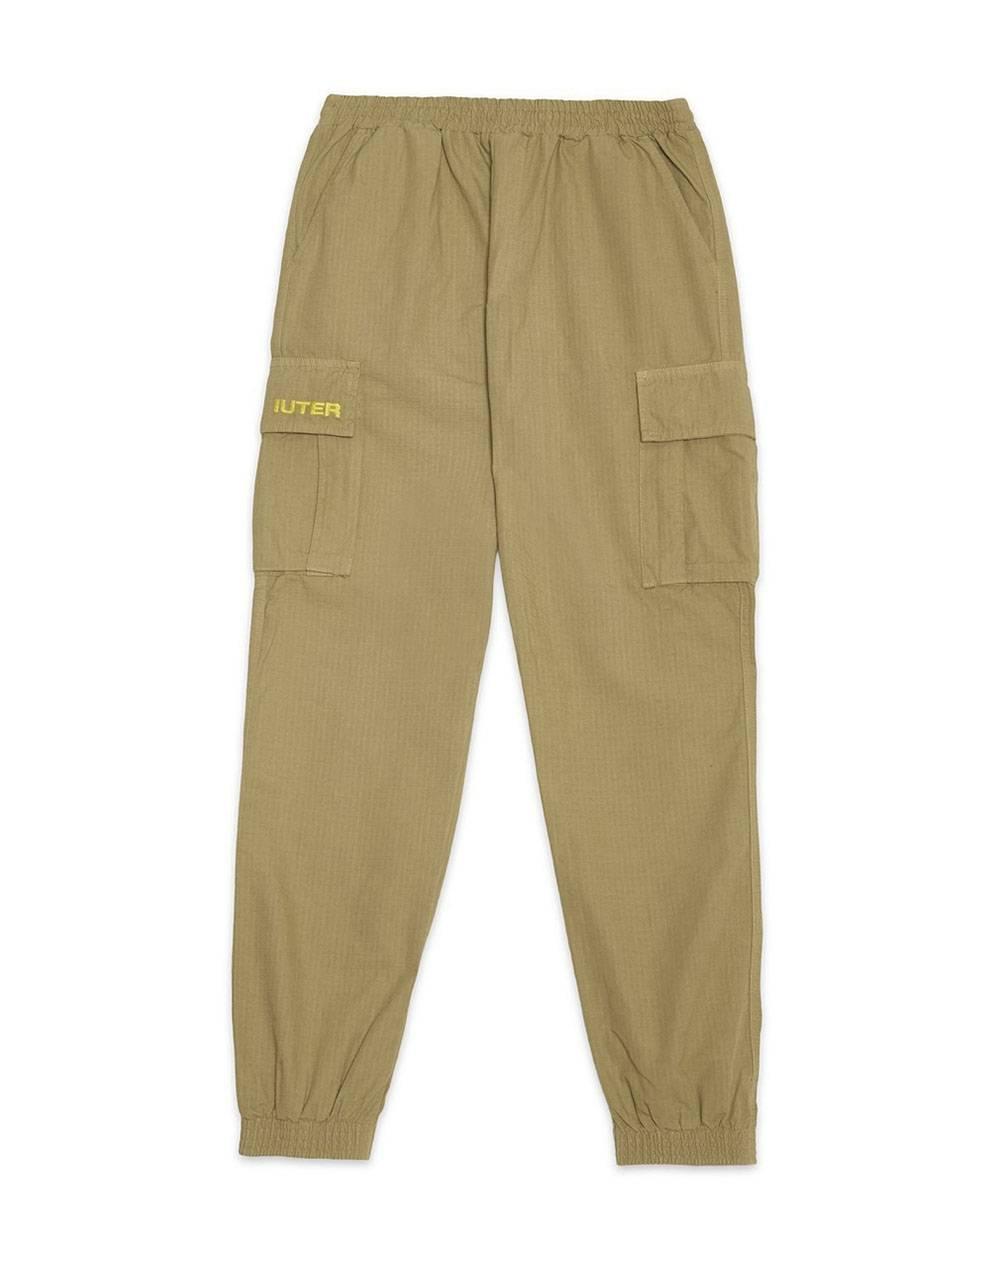 Iuter Jogger cargo pants - Sand IUTER Pant 97,54€